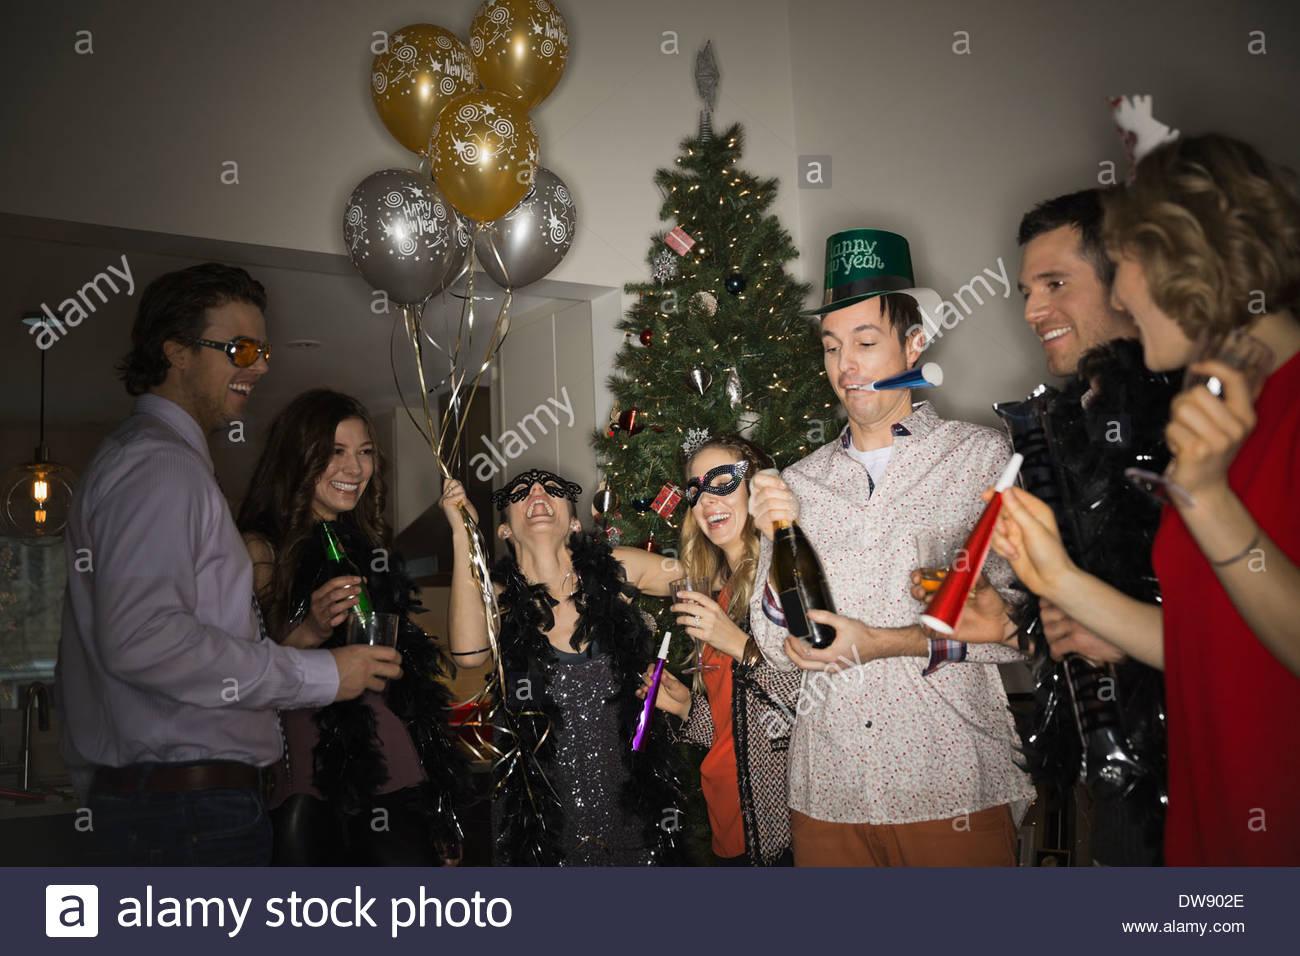 Amigos celebrando la fiesta de Año Nuevo en casa Imagen De Stock